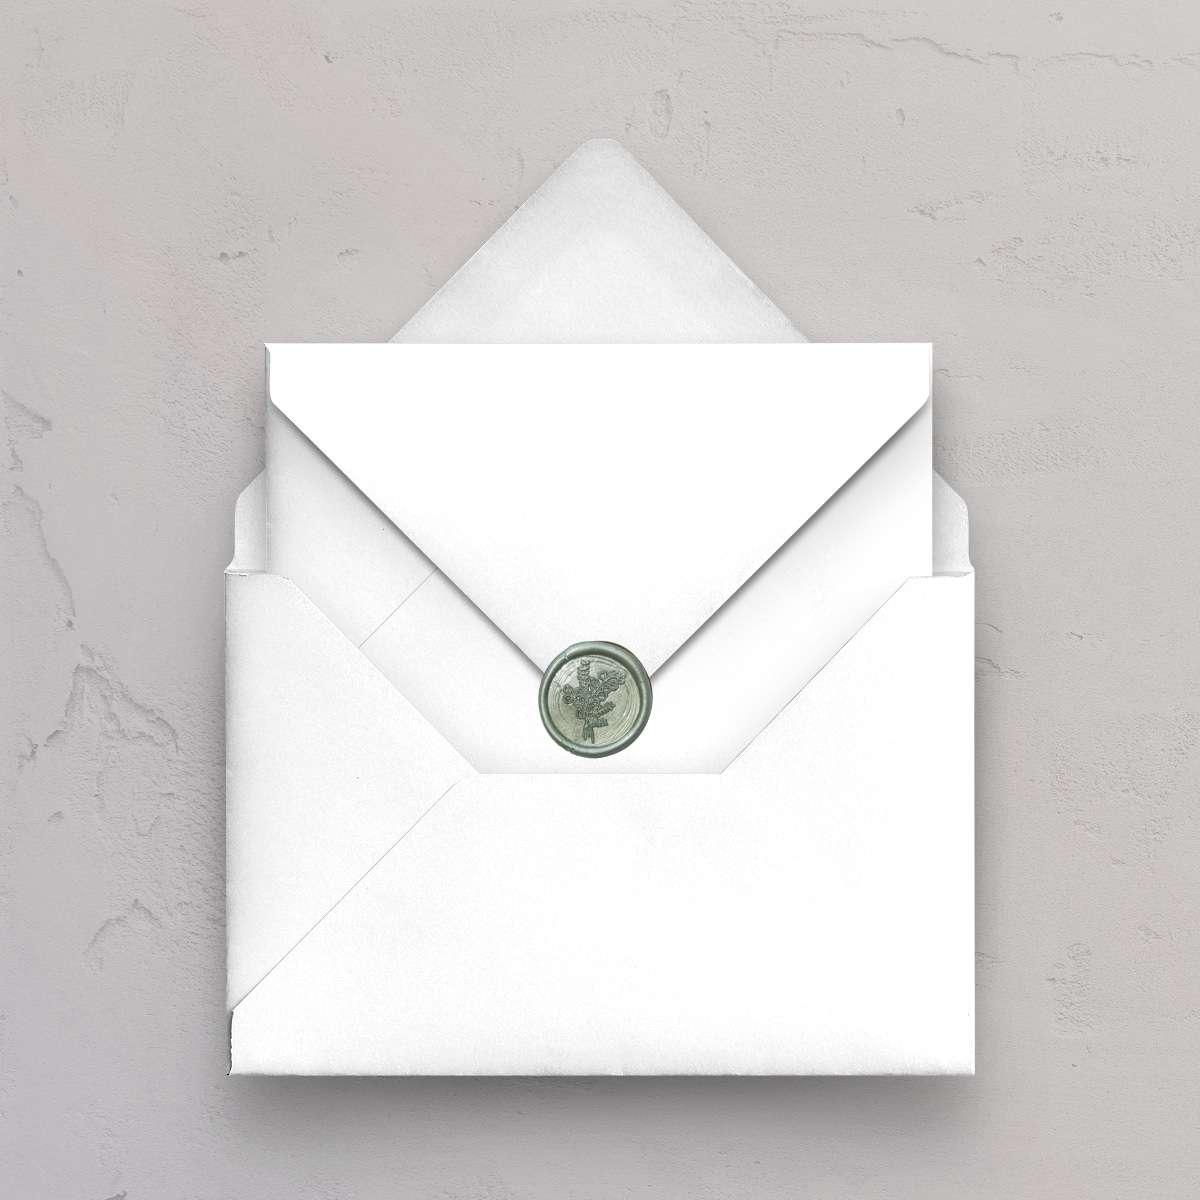 Hvid C5 kuvert med B5 ydrekuvert med laksegl med eukalyptus motiv i farven Sage